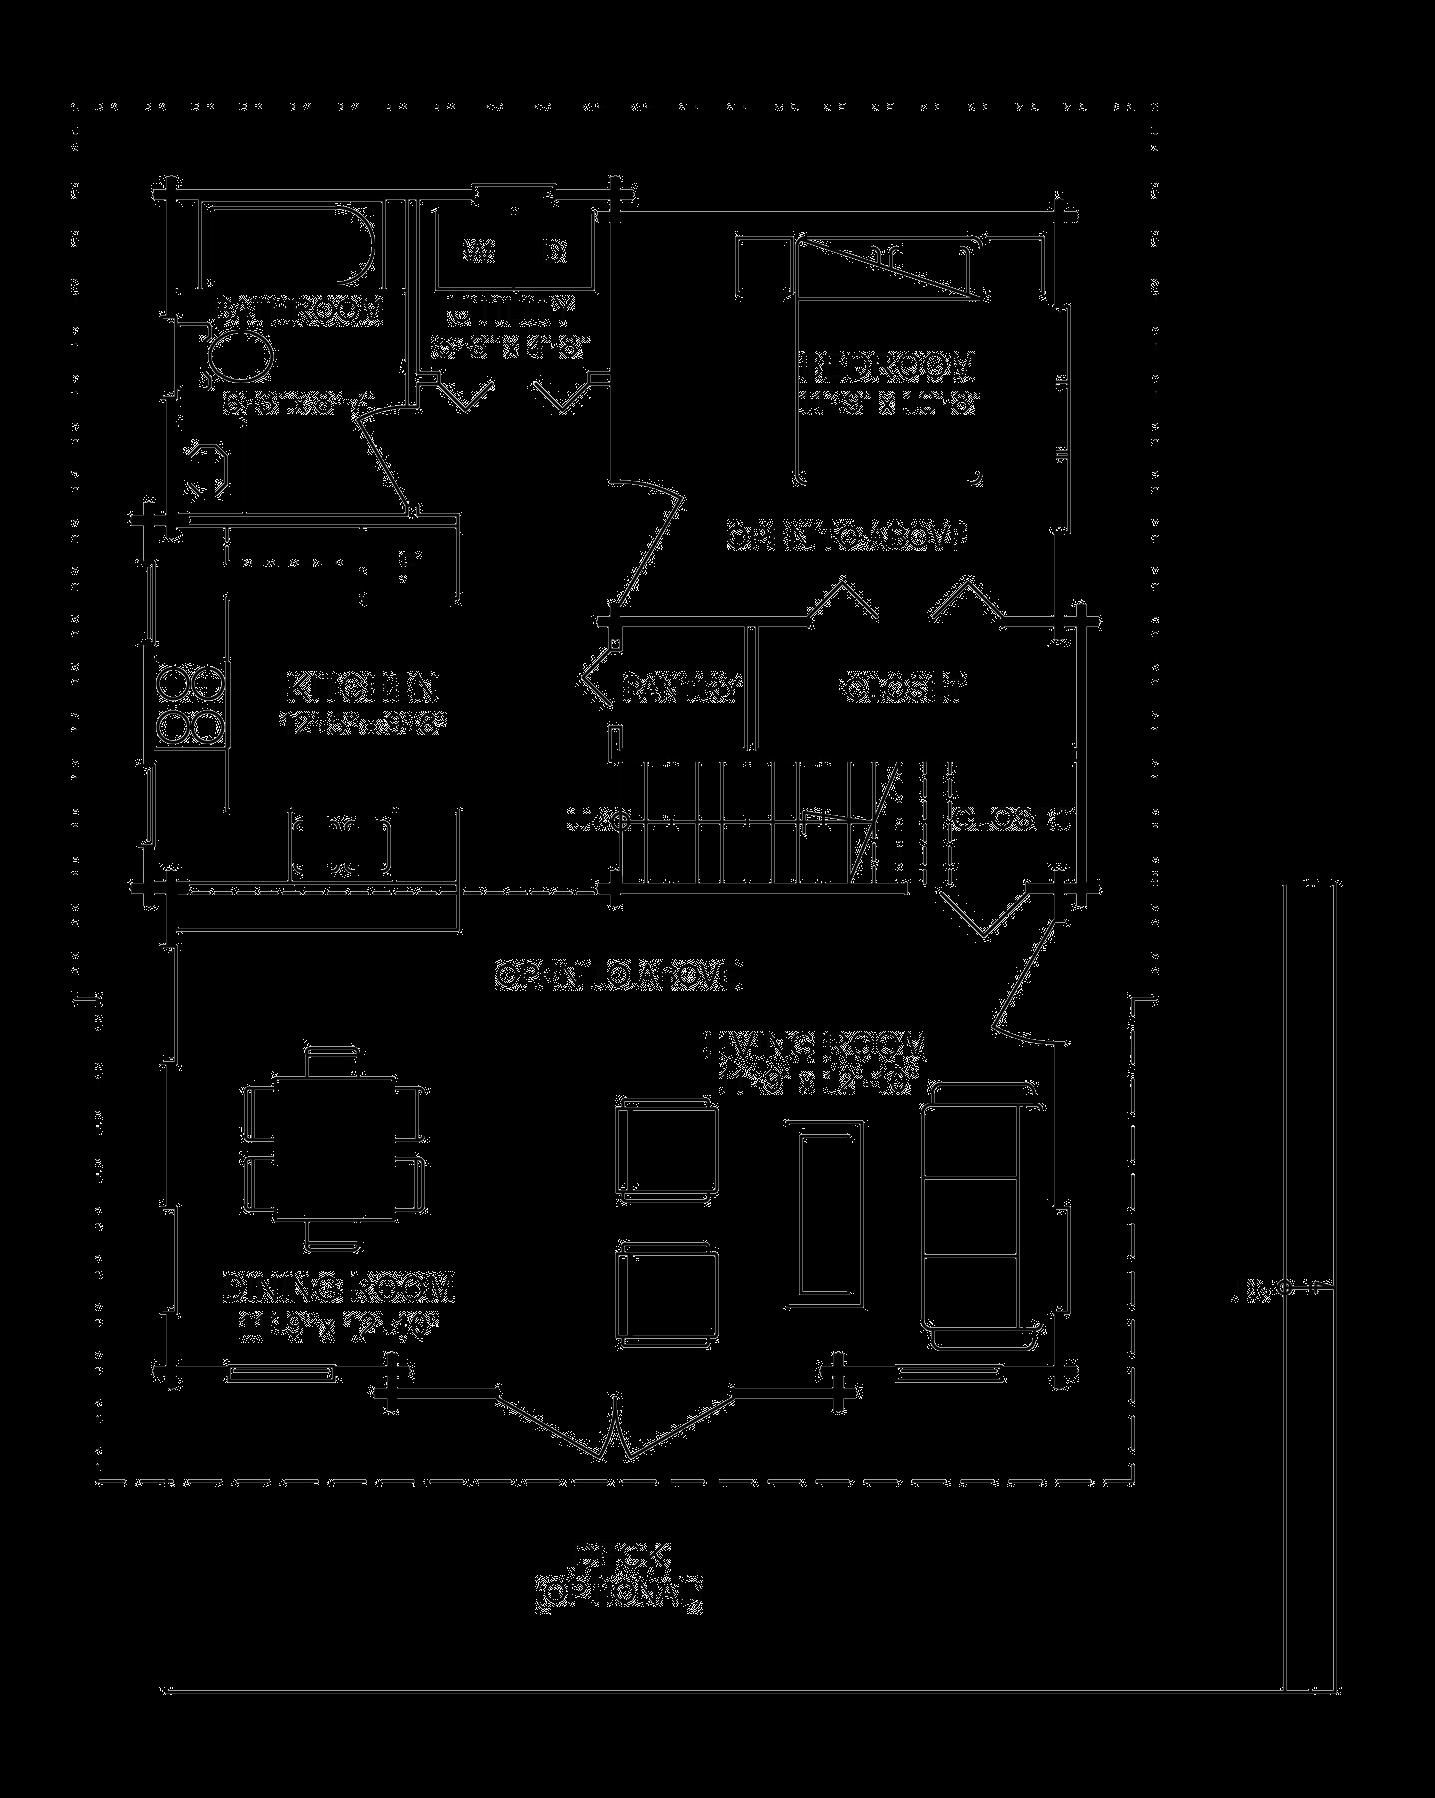 Main Floor: 800 square feet (74.32 m²)